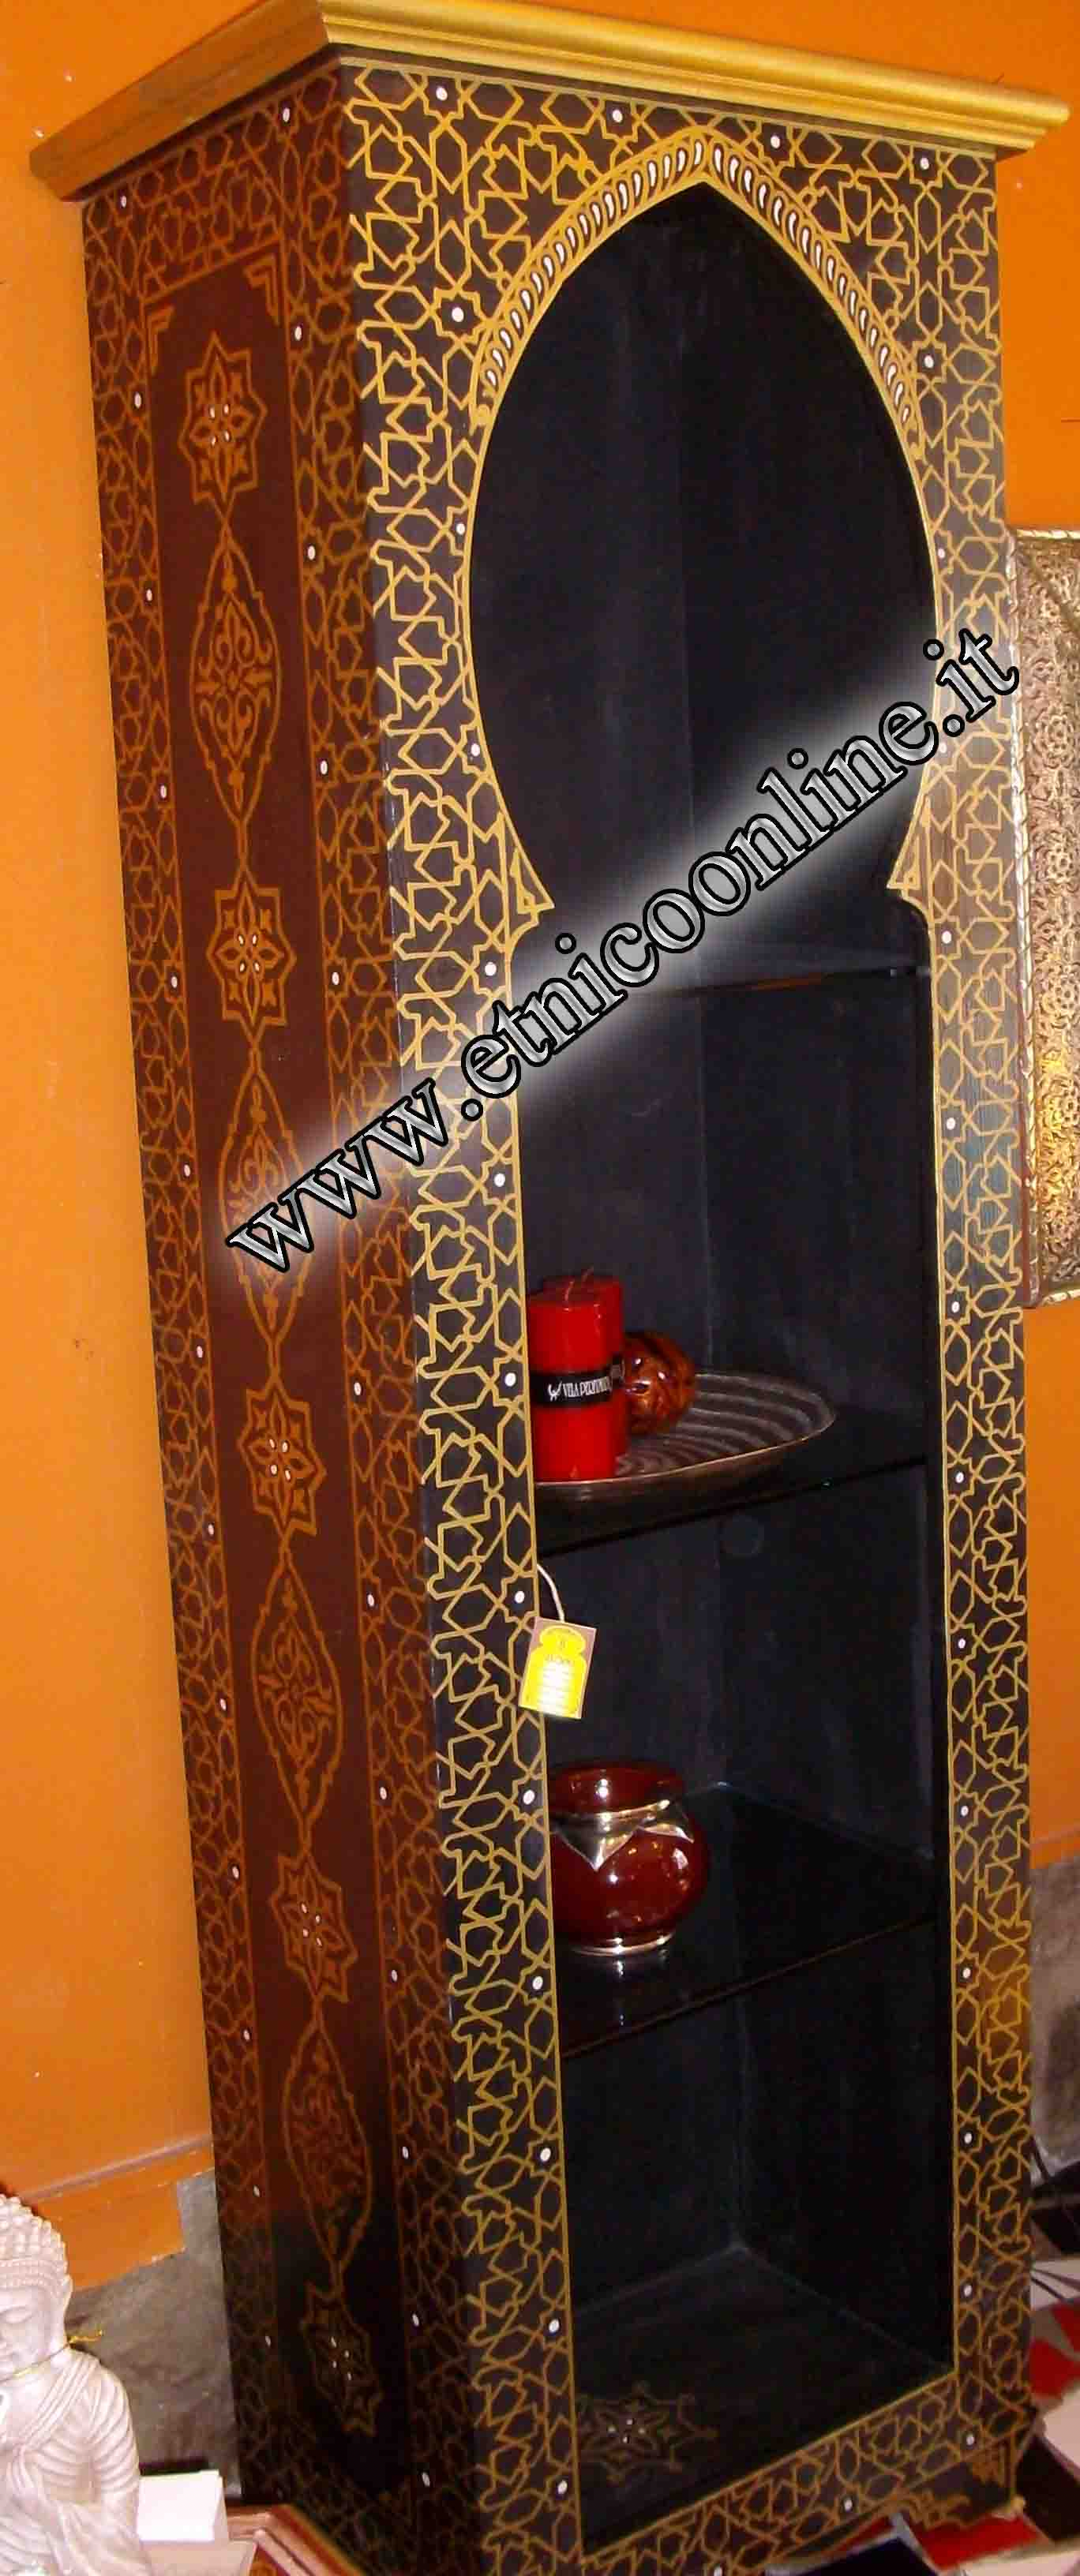 Mobile marocchino ordina online - Mobili marocchini ...